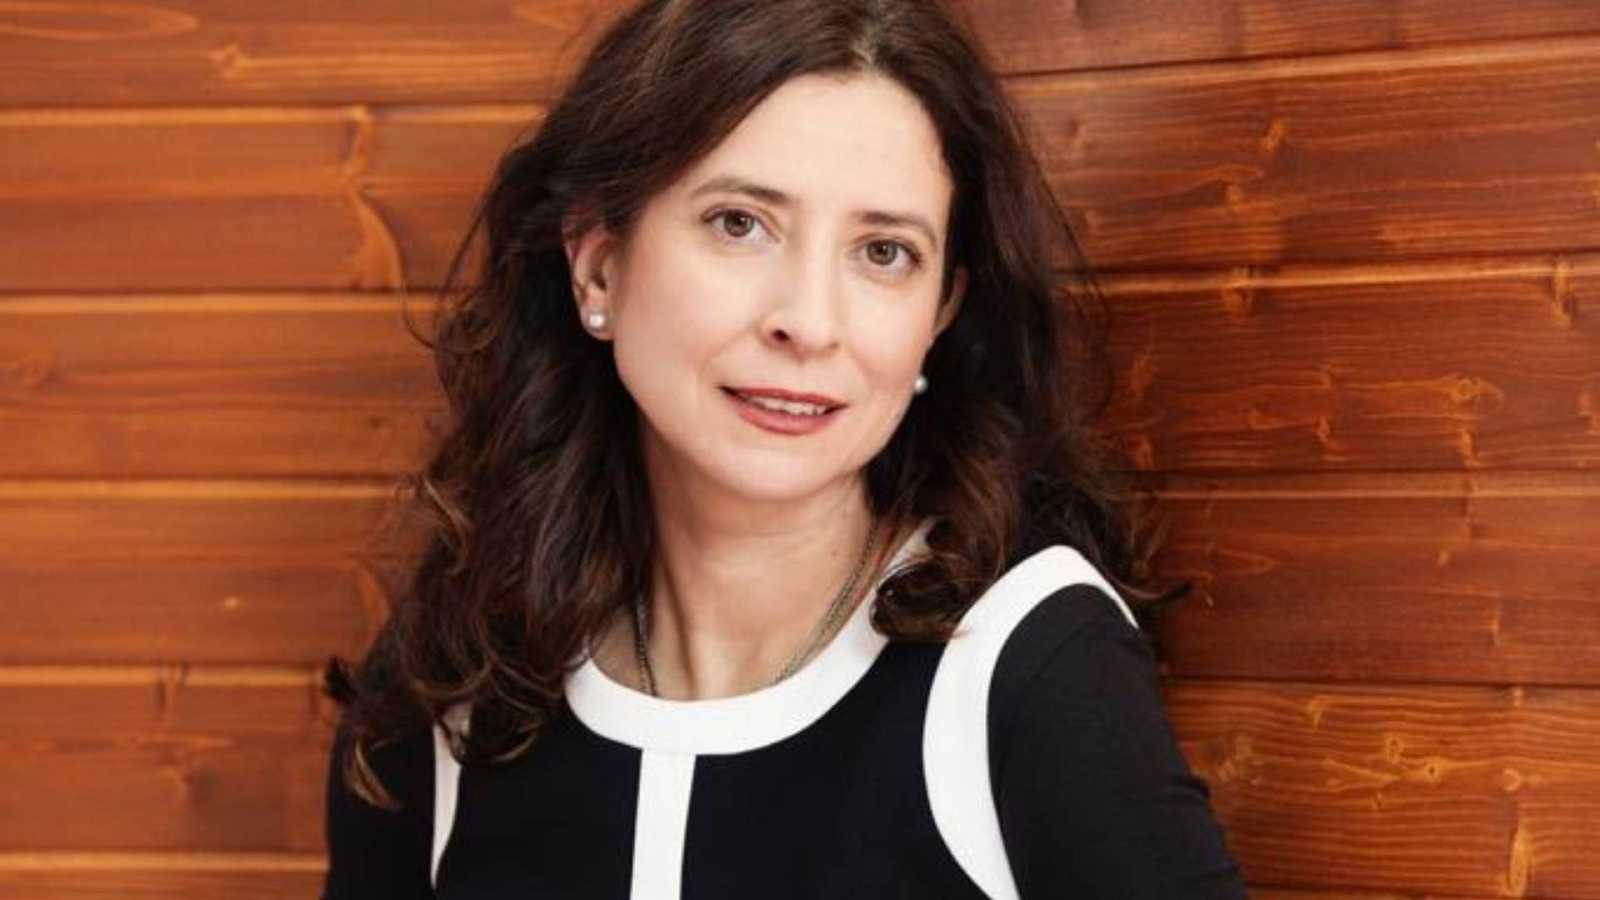 La hora del bocadillo - Ana Merino, investigadora de cómic - 25/07/20 - escuchar ahora